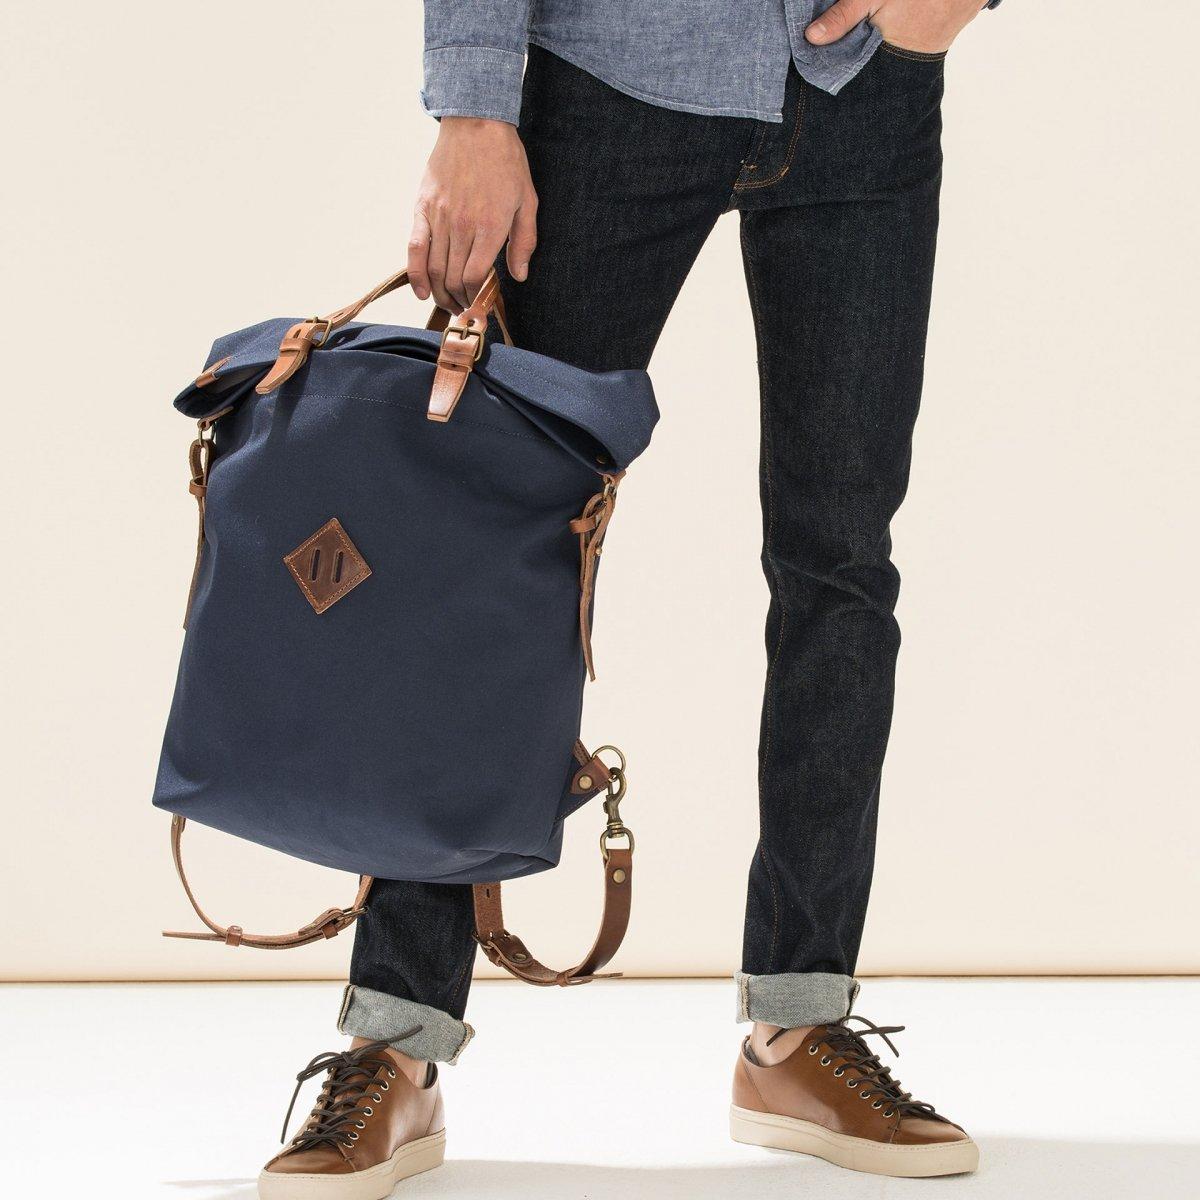 Woody M Backpack - Peacoat Blue (image n°6)